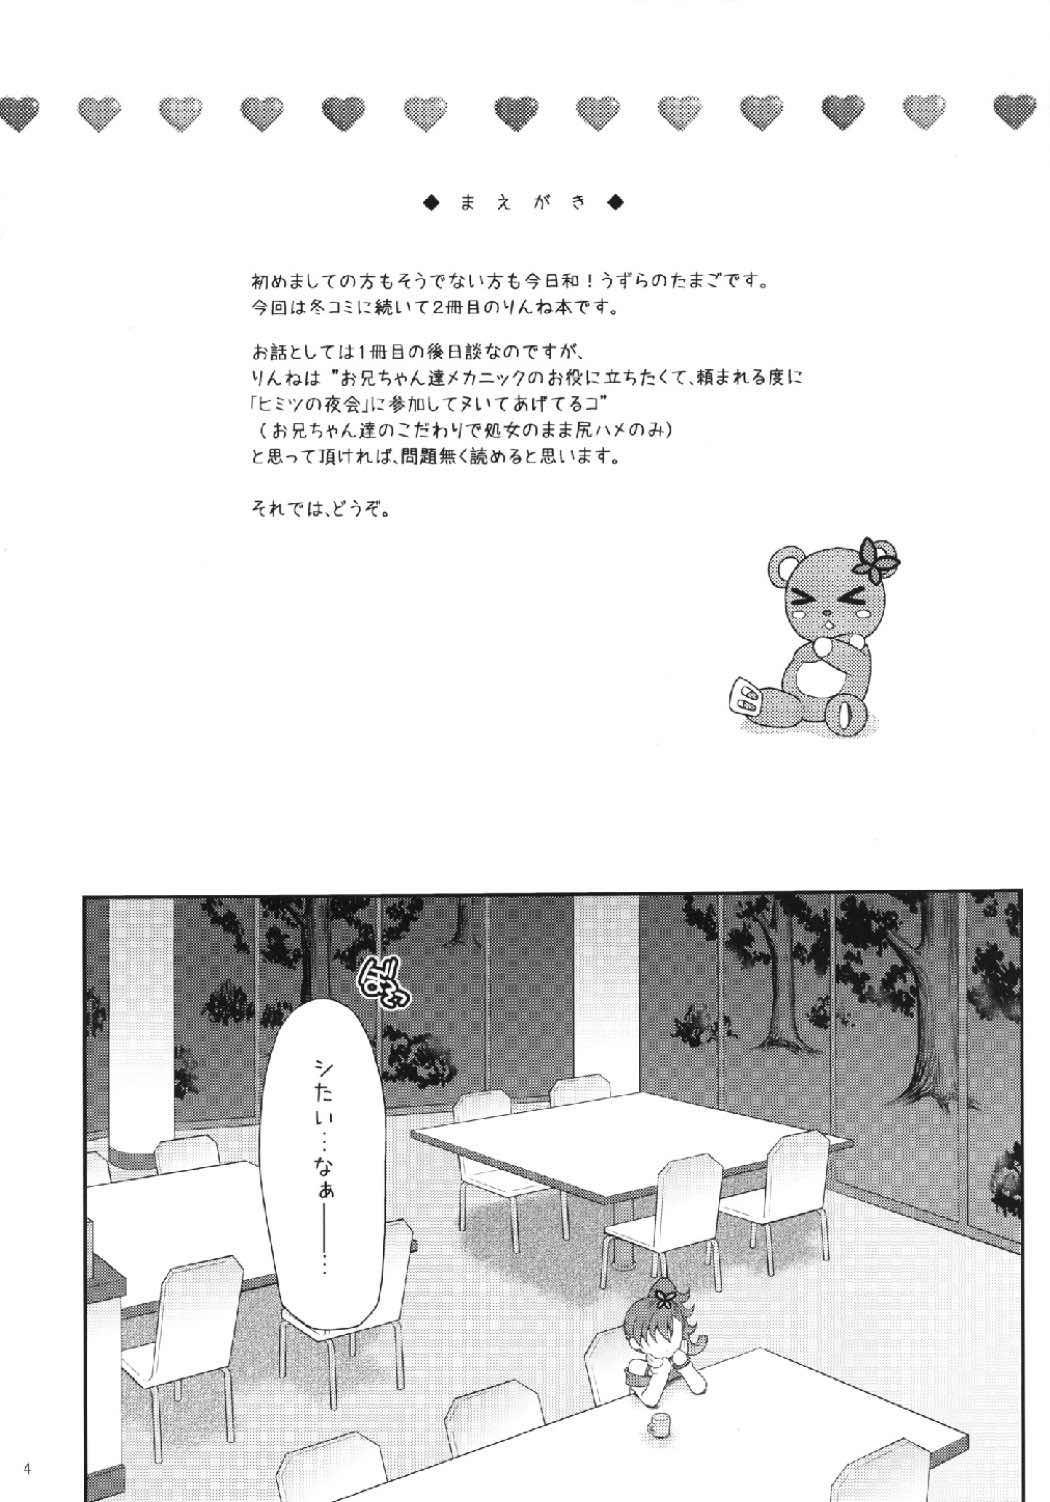 (SHT2013 Haru) [Yudenakya Nama-Beer (Uzura no Tamago)] Onii-chans to Aisare Rinne-chan (Chousoku Henkei Gyrozetter) 3